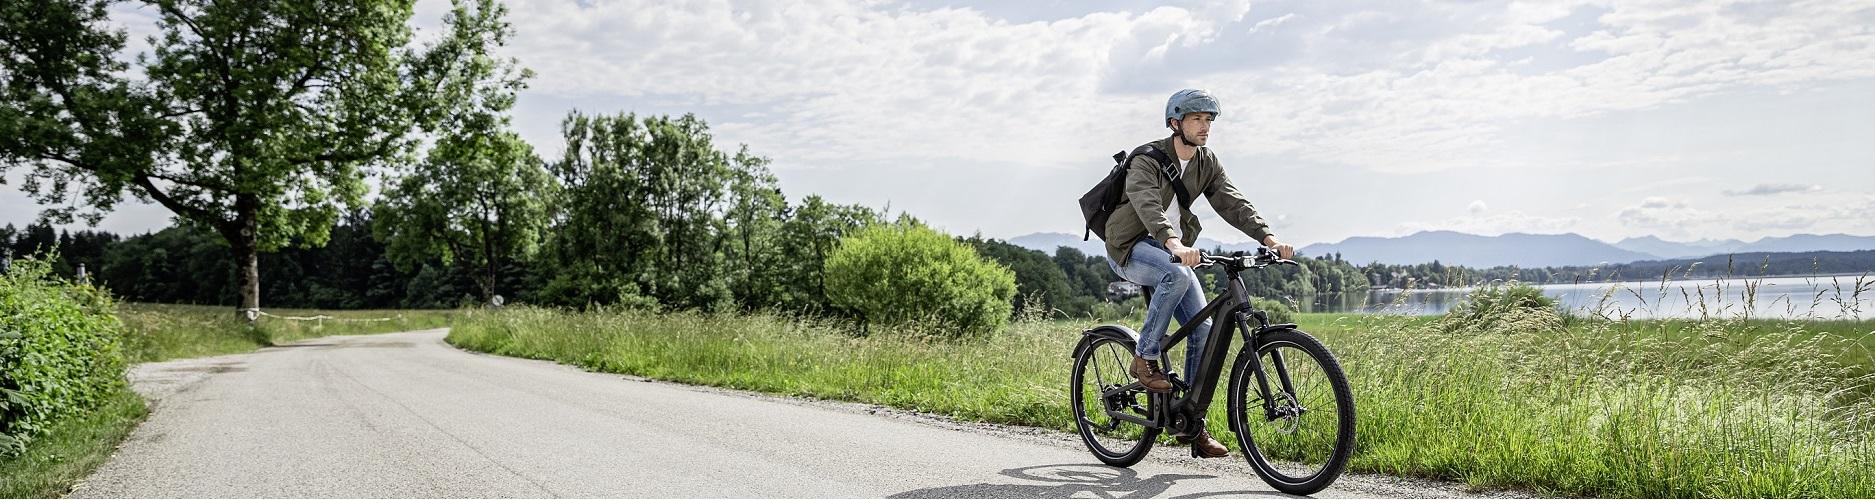 Elektrofahrräder mit Rückenwind